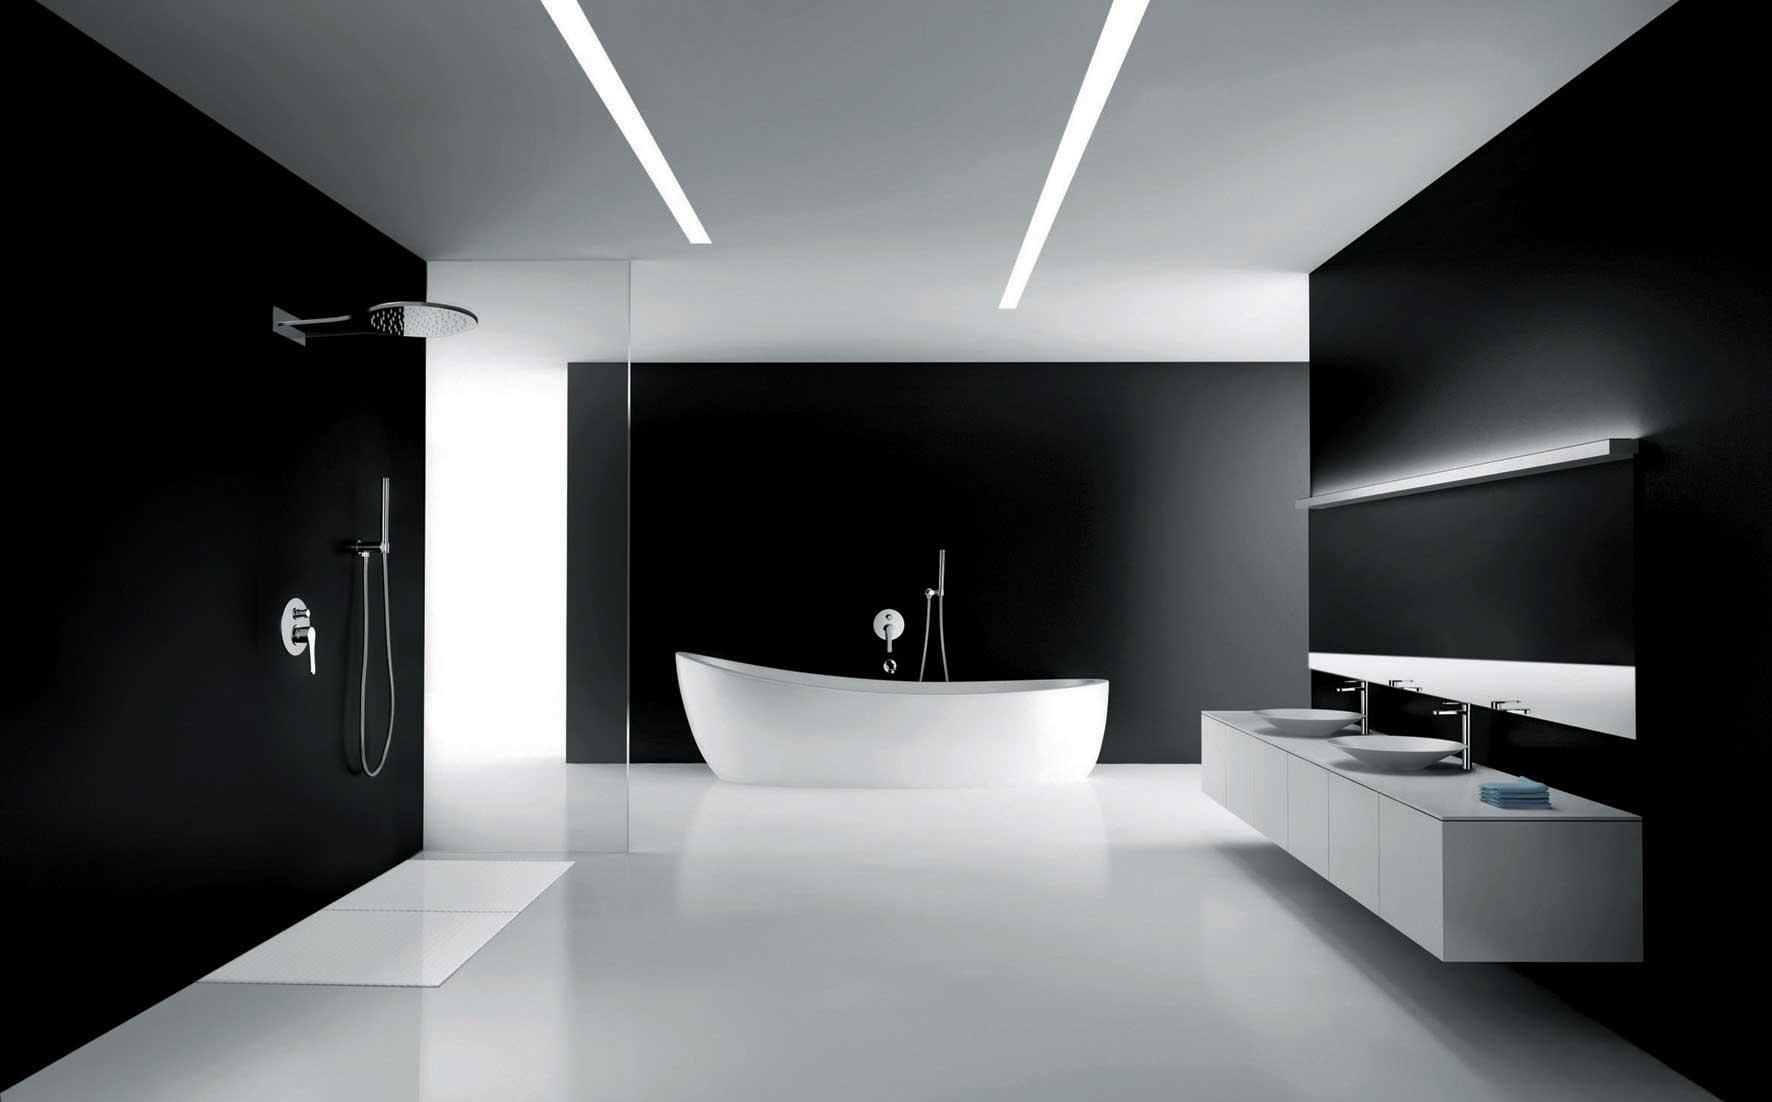 Salle de bain design minimaliste : 5 manières de débarrasser le ...